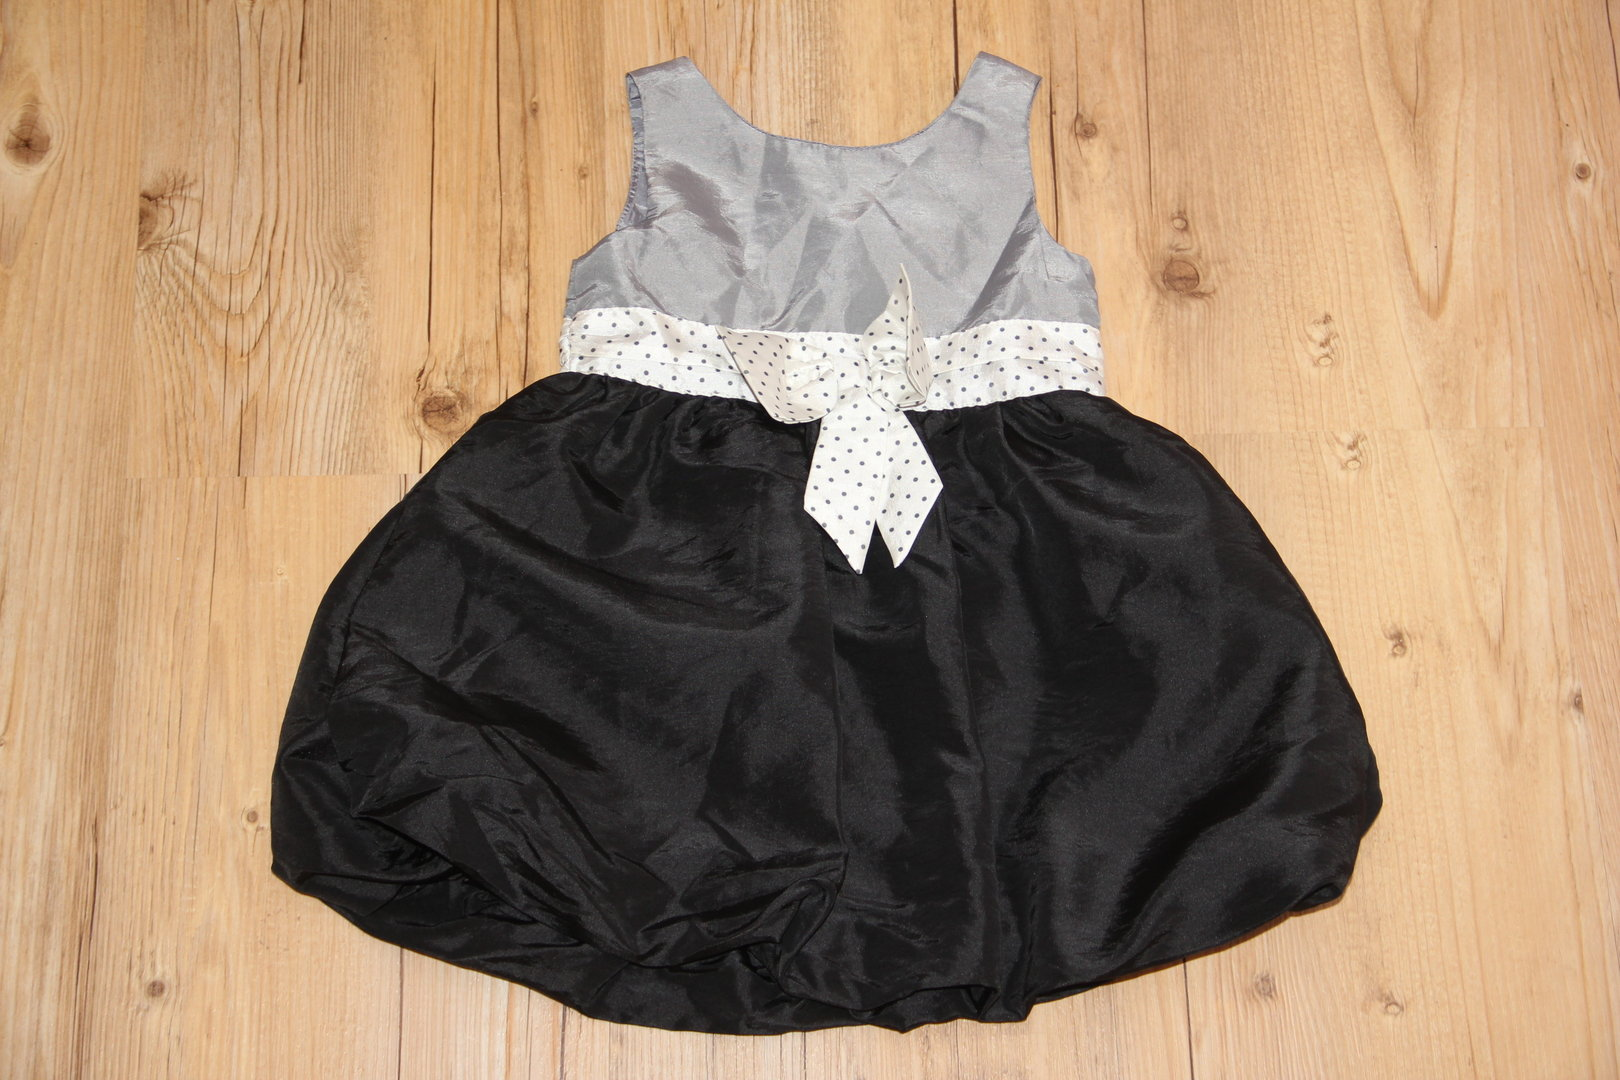 festliches Kleid - H&M - Gr. 98 - 2nd Händchen